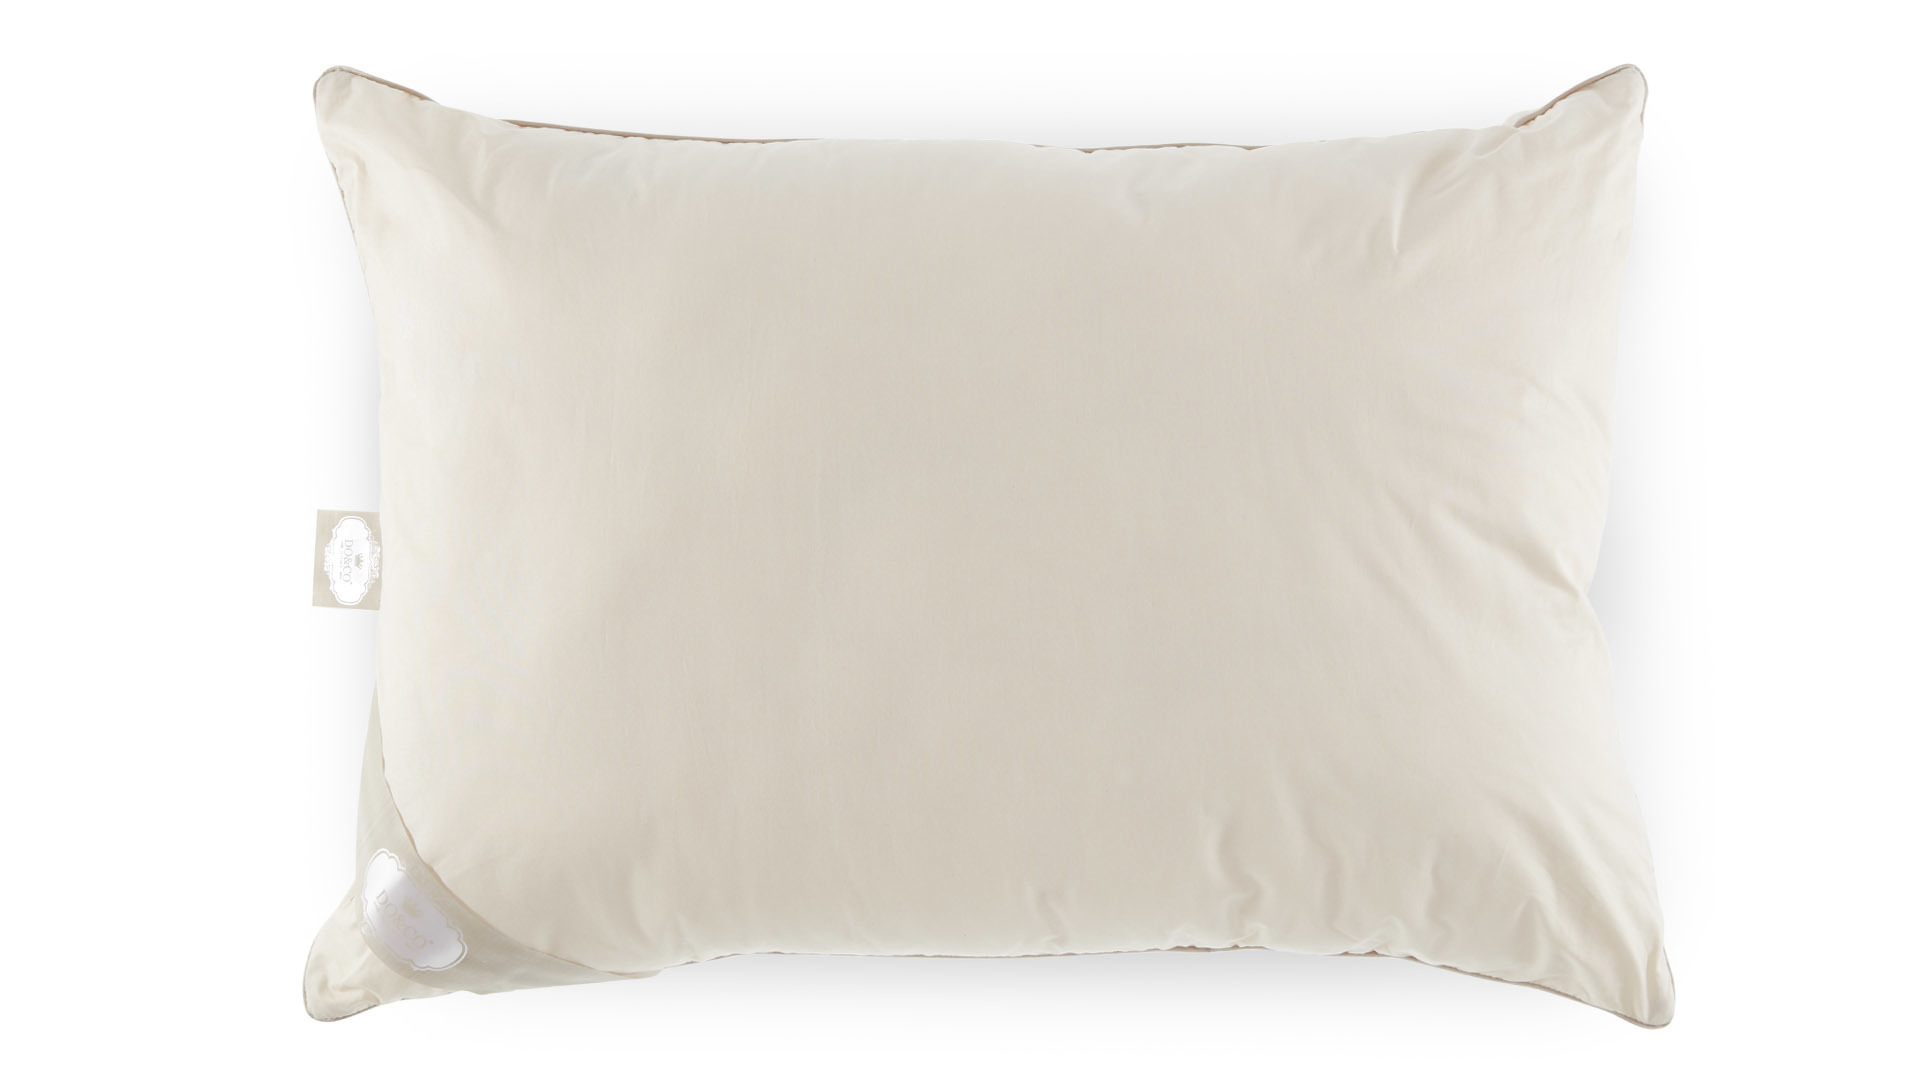 Можно ли стирать подушки в машинке